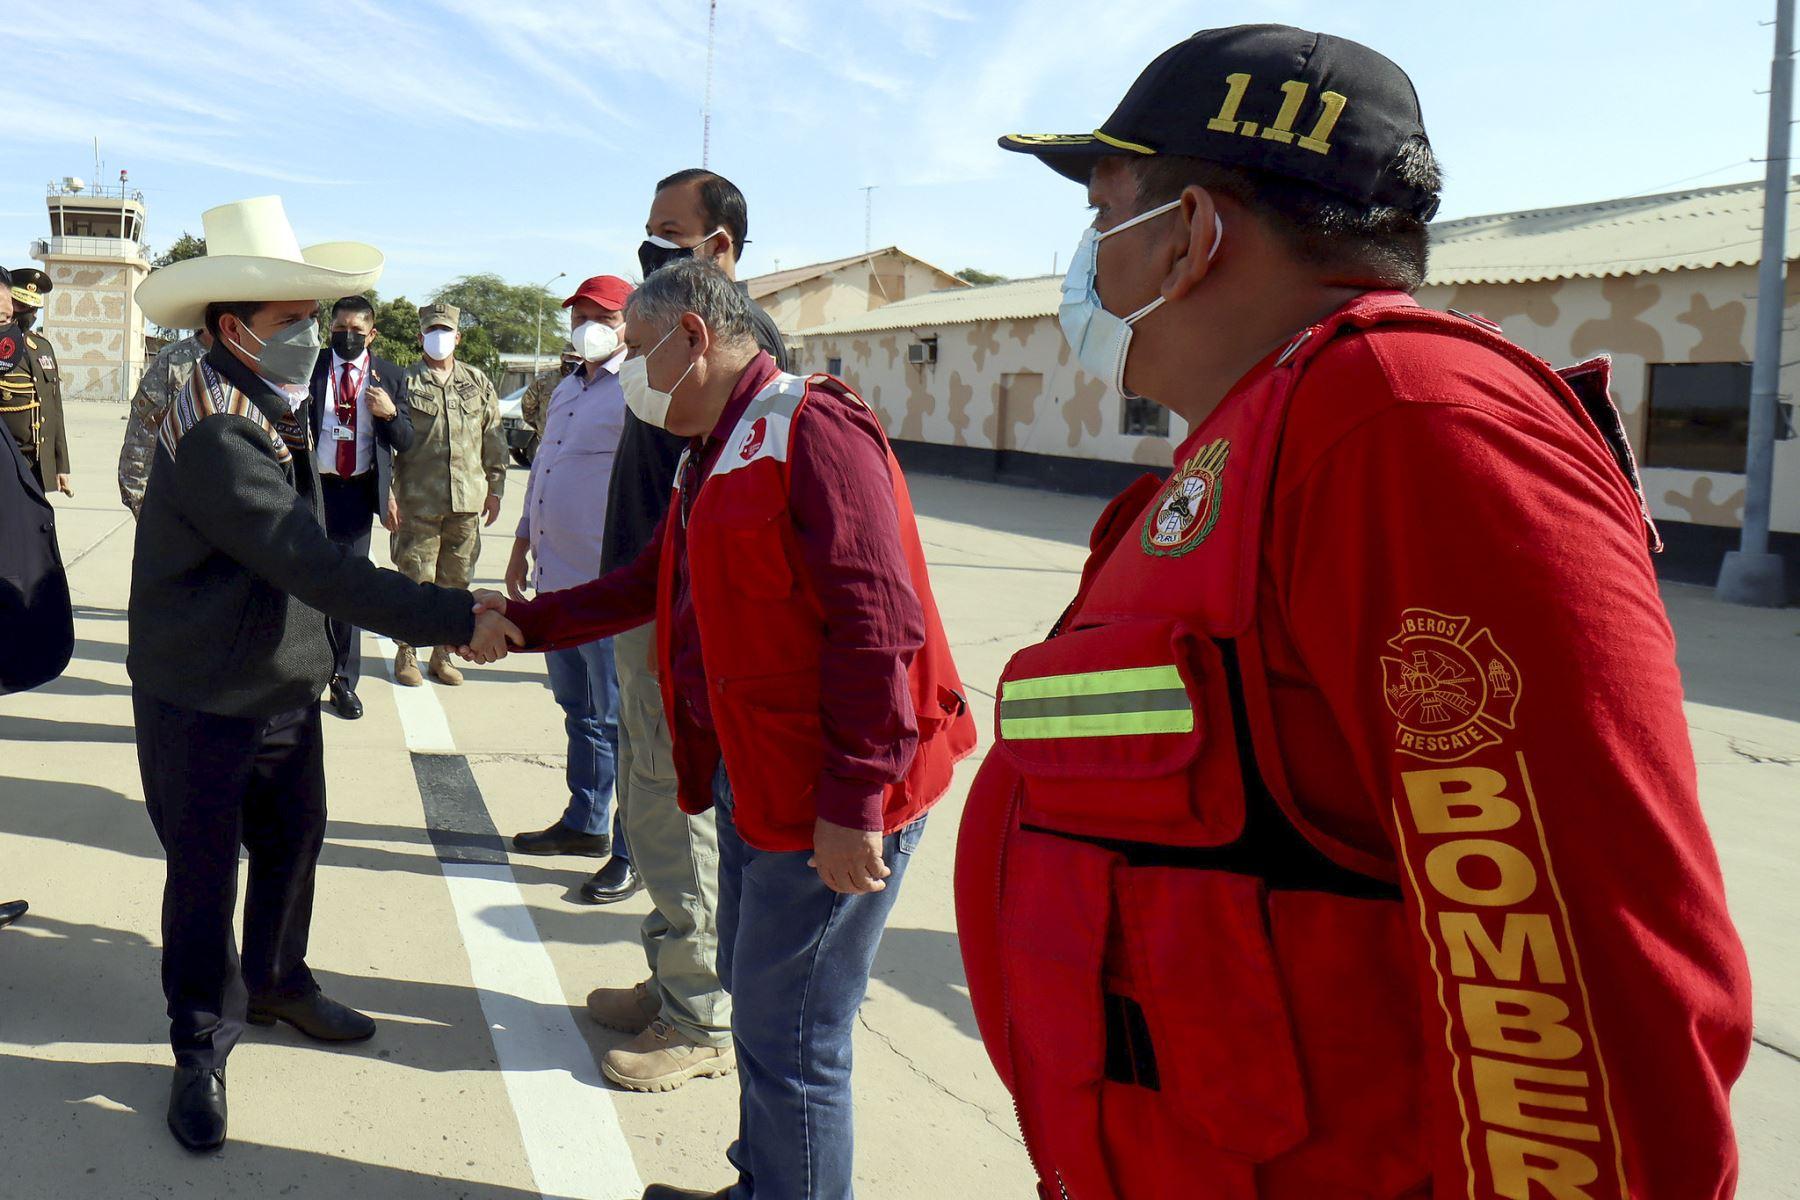 El presidente de la República, Pedro Castillo, viaja desde el Grupo Aéreo Número 8 a la ciudad de Sullana, región Piura, para inspeccionar los daños producidos por el sismo de 6,1 grados. Foto: Presidencia